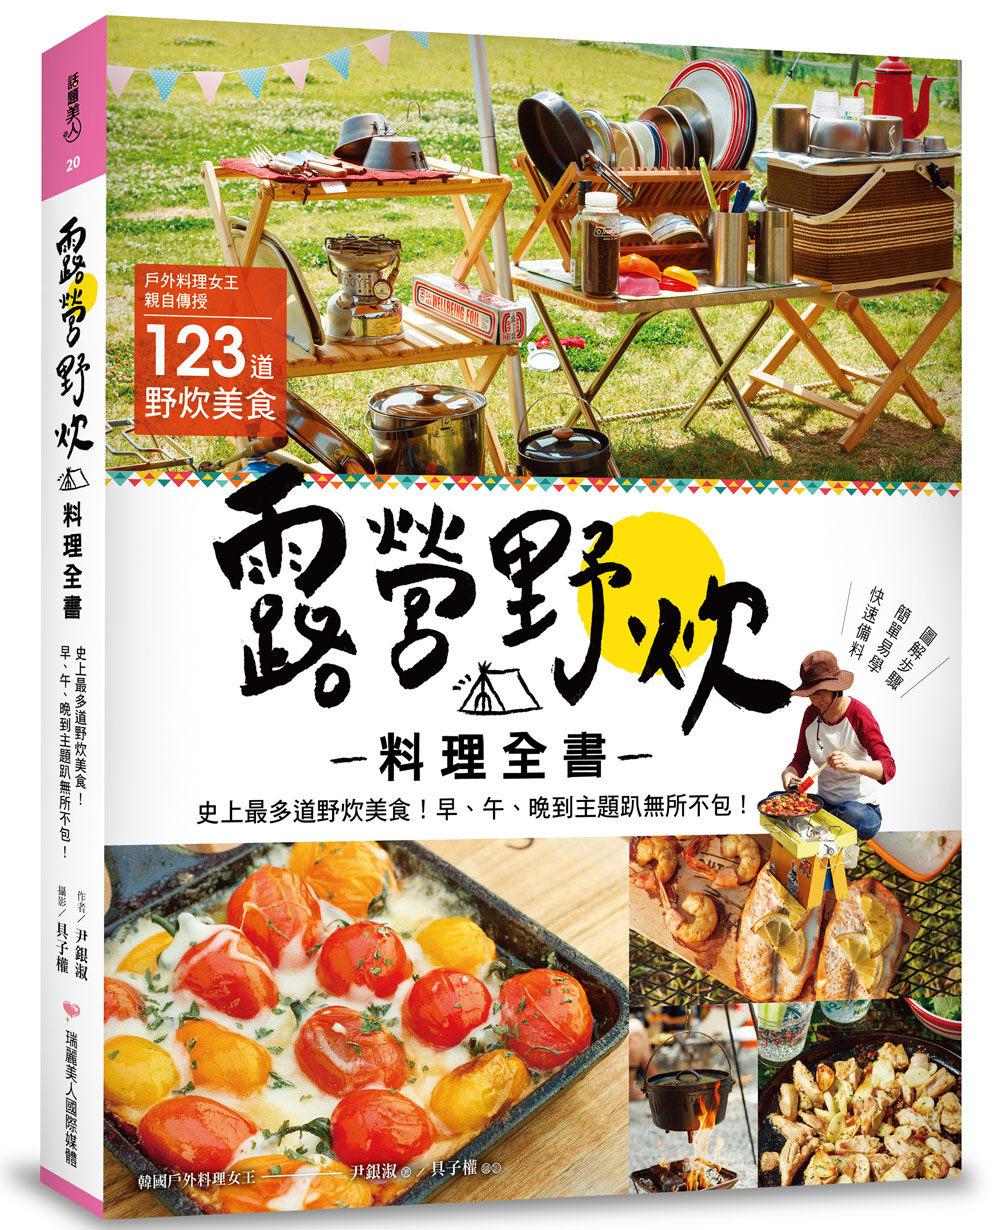 露營野炊料理全書:史上最多道野炊美食!早、午、晚到主題趴無所不包!